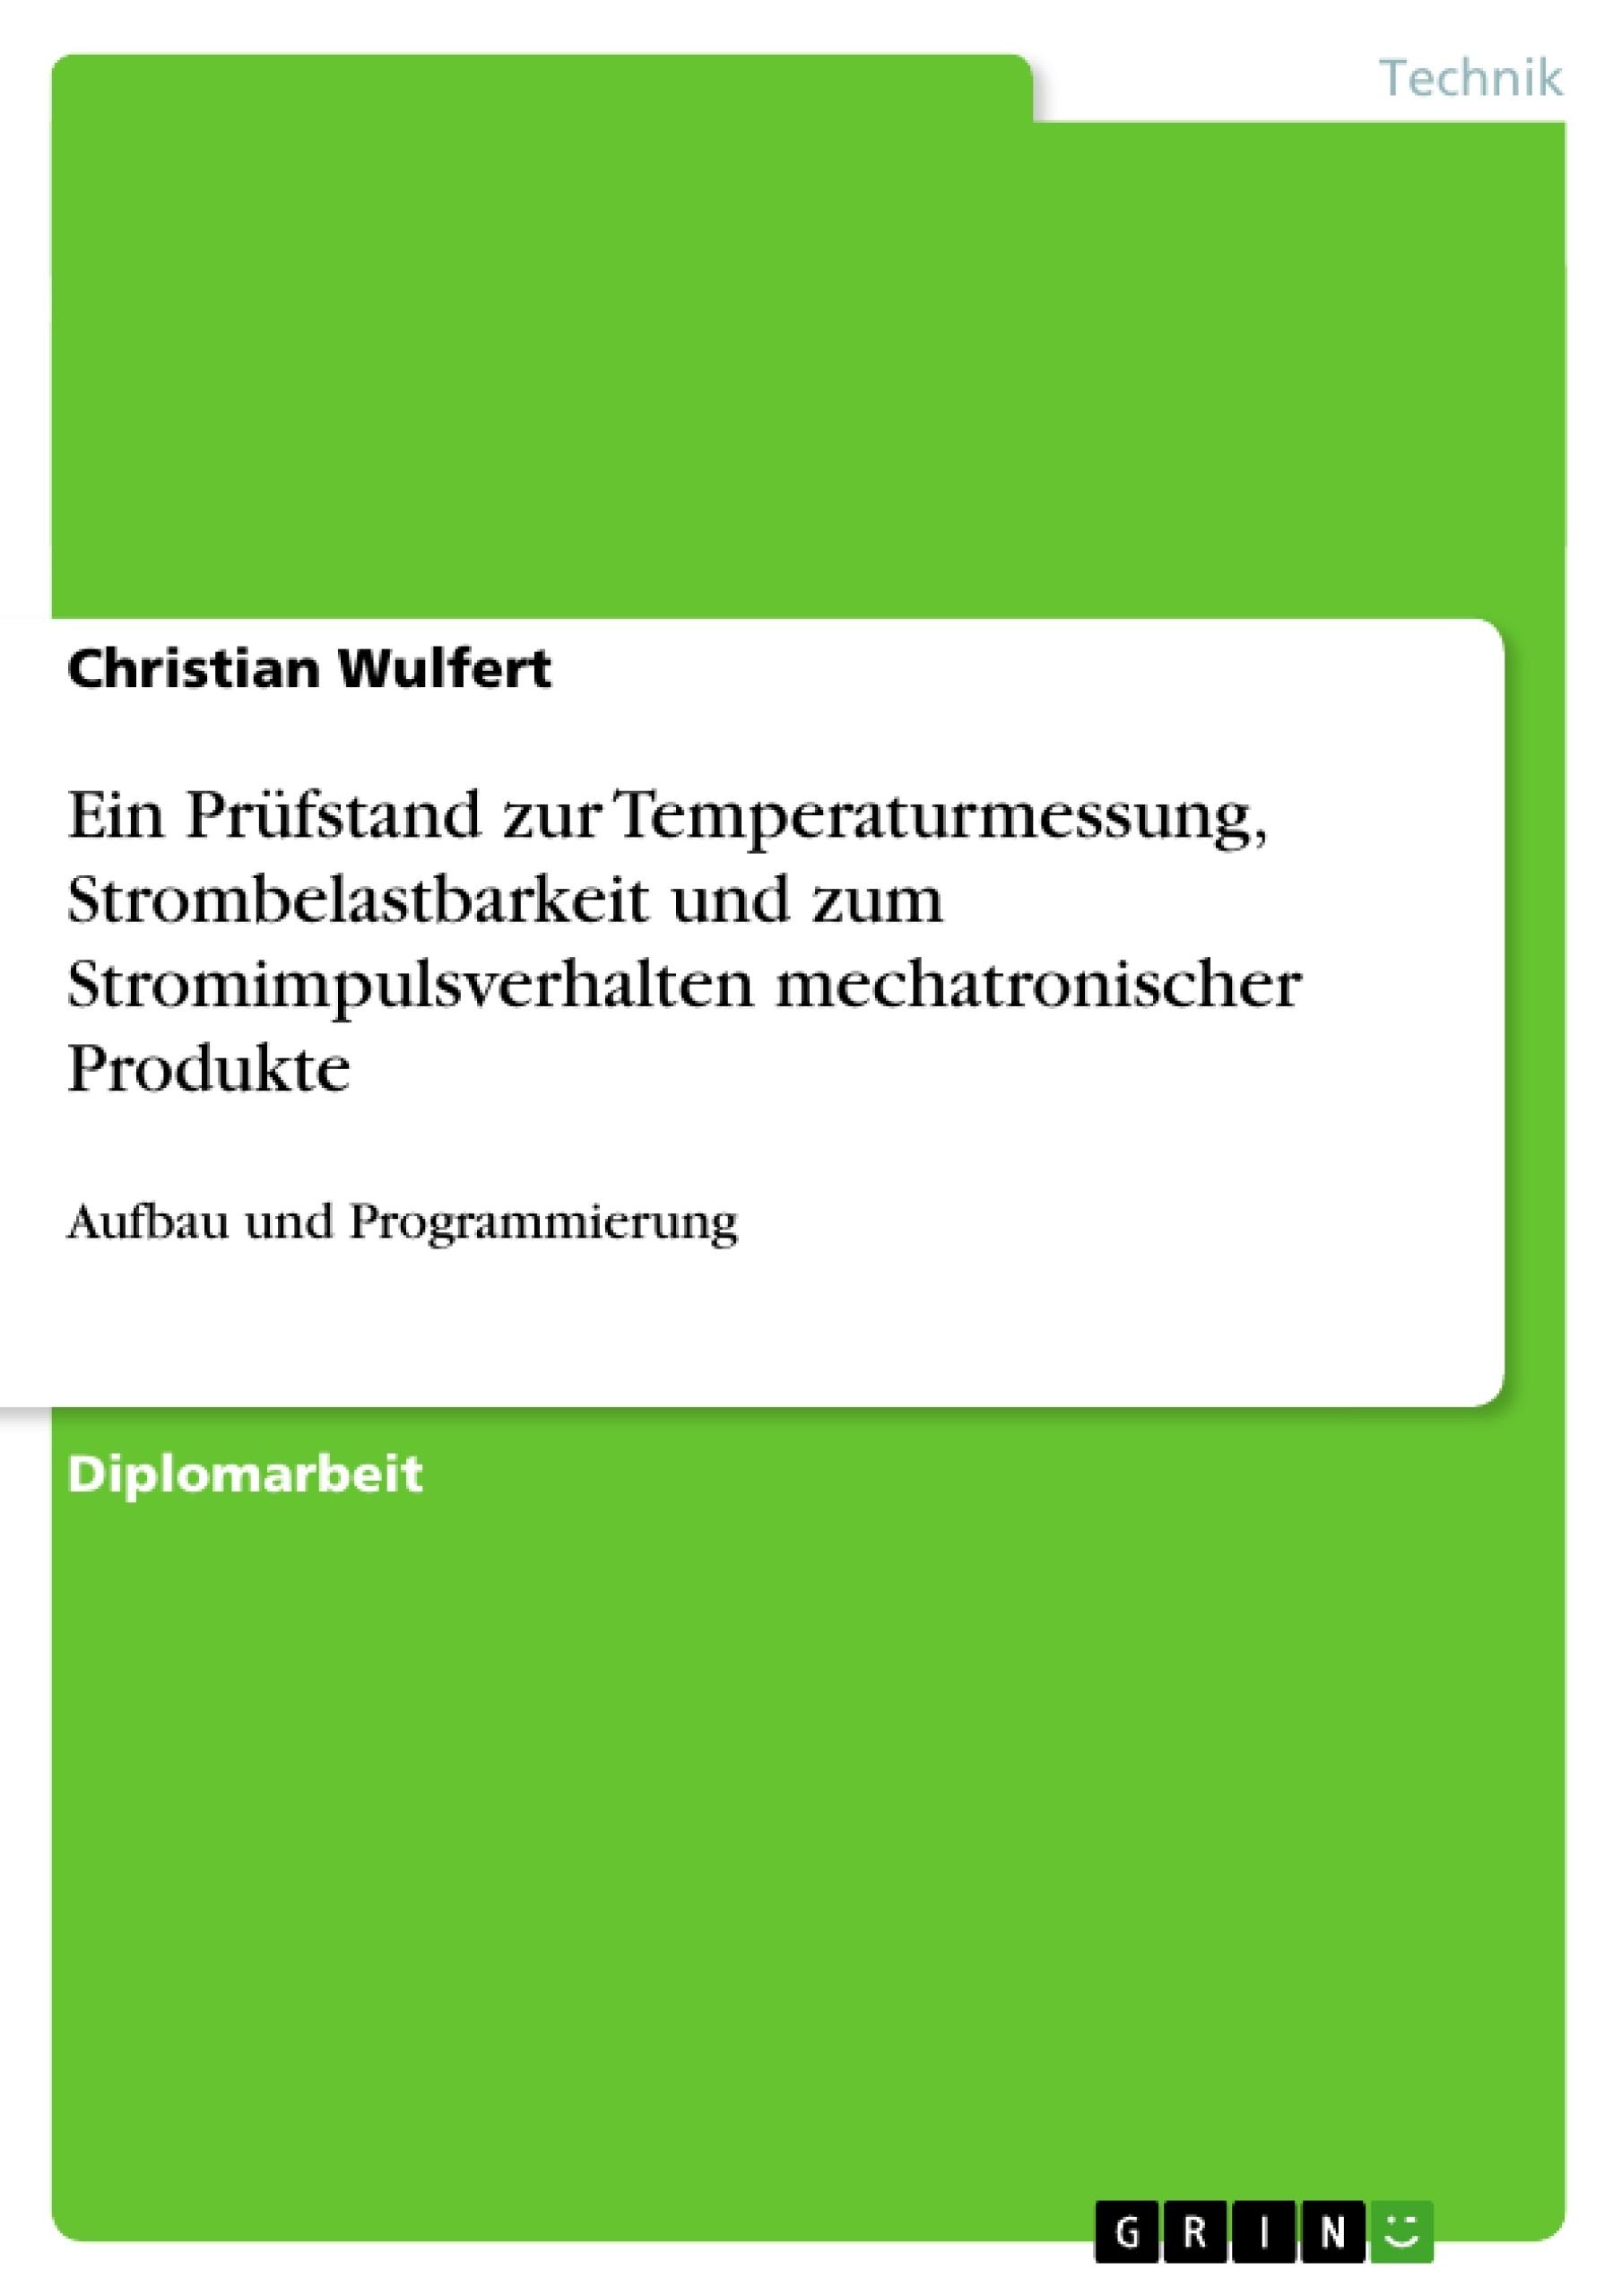 Titel: Ein Prüfstand zur Temperaturmessung, Strombelastbarkeit und zum Stromimpulsverhalten mechatronischer Produkte